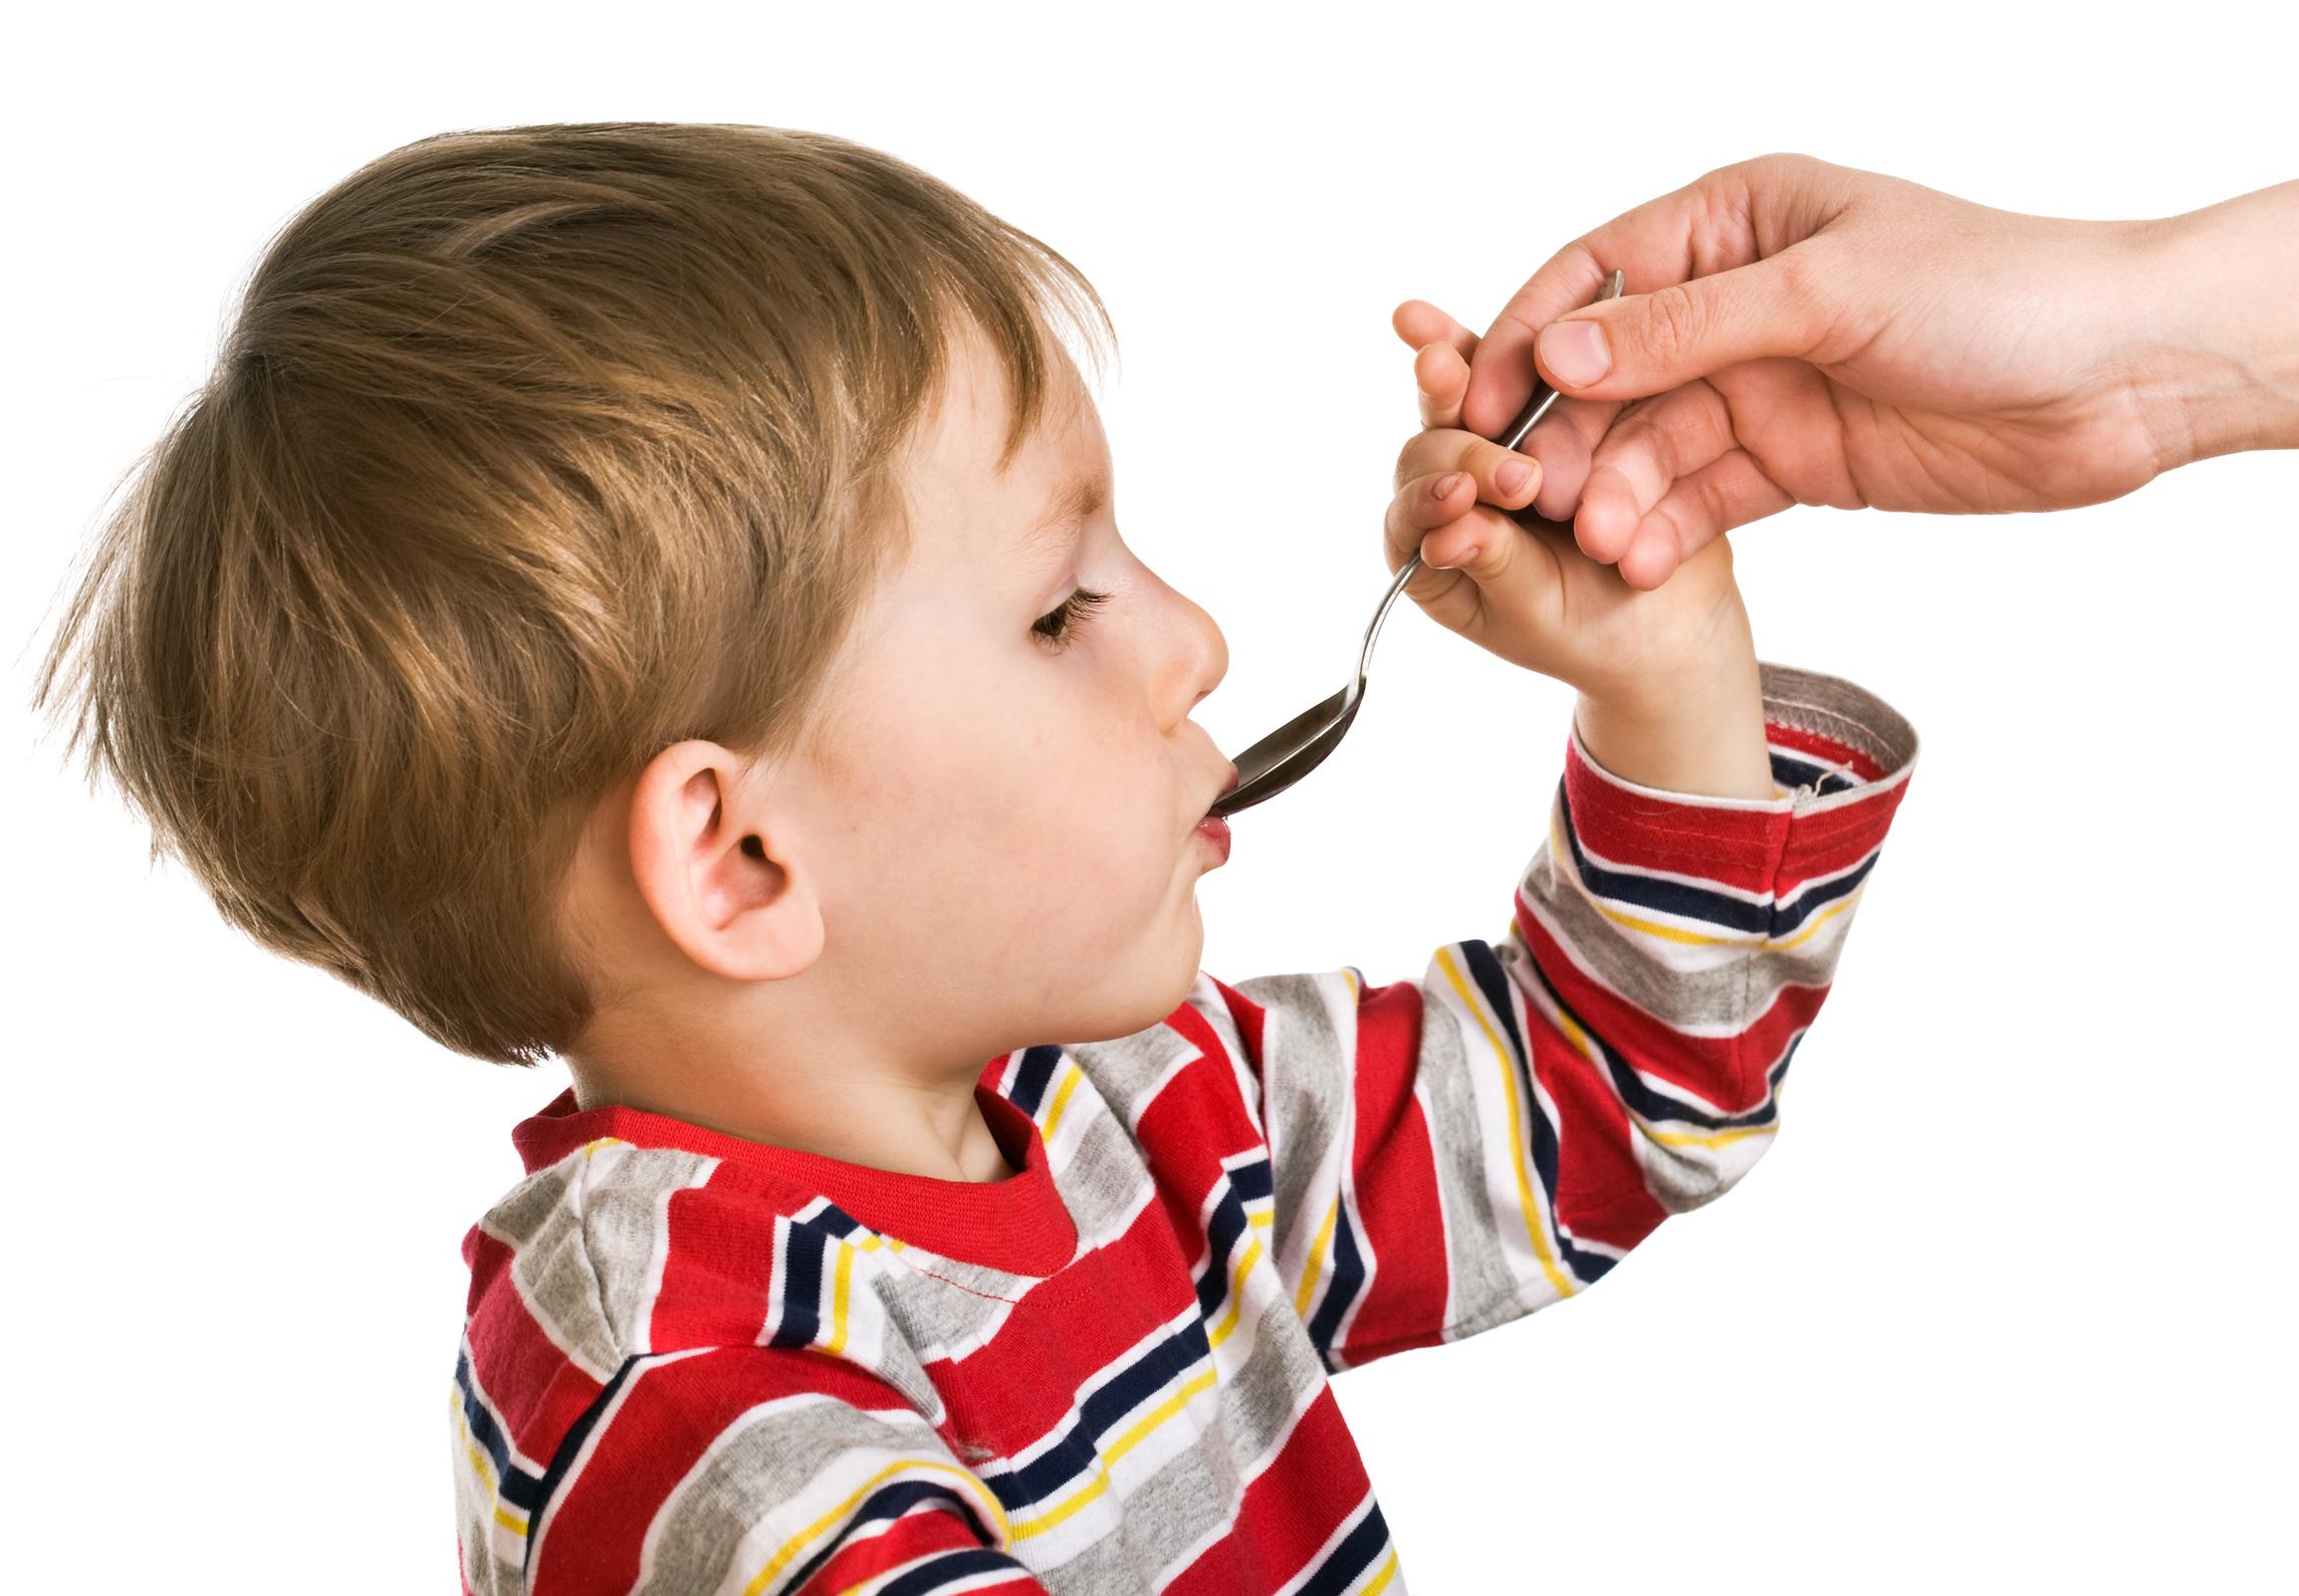 Кашель у ребенка 9 месяцев чем лечить в домашних условиях